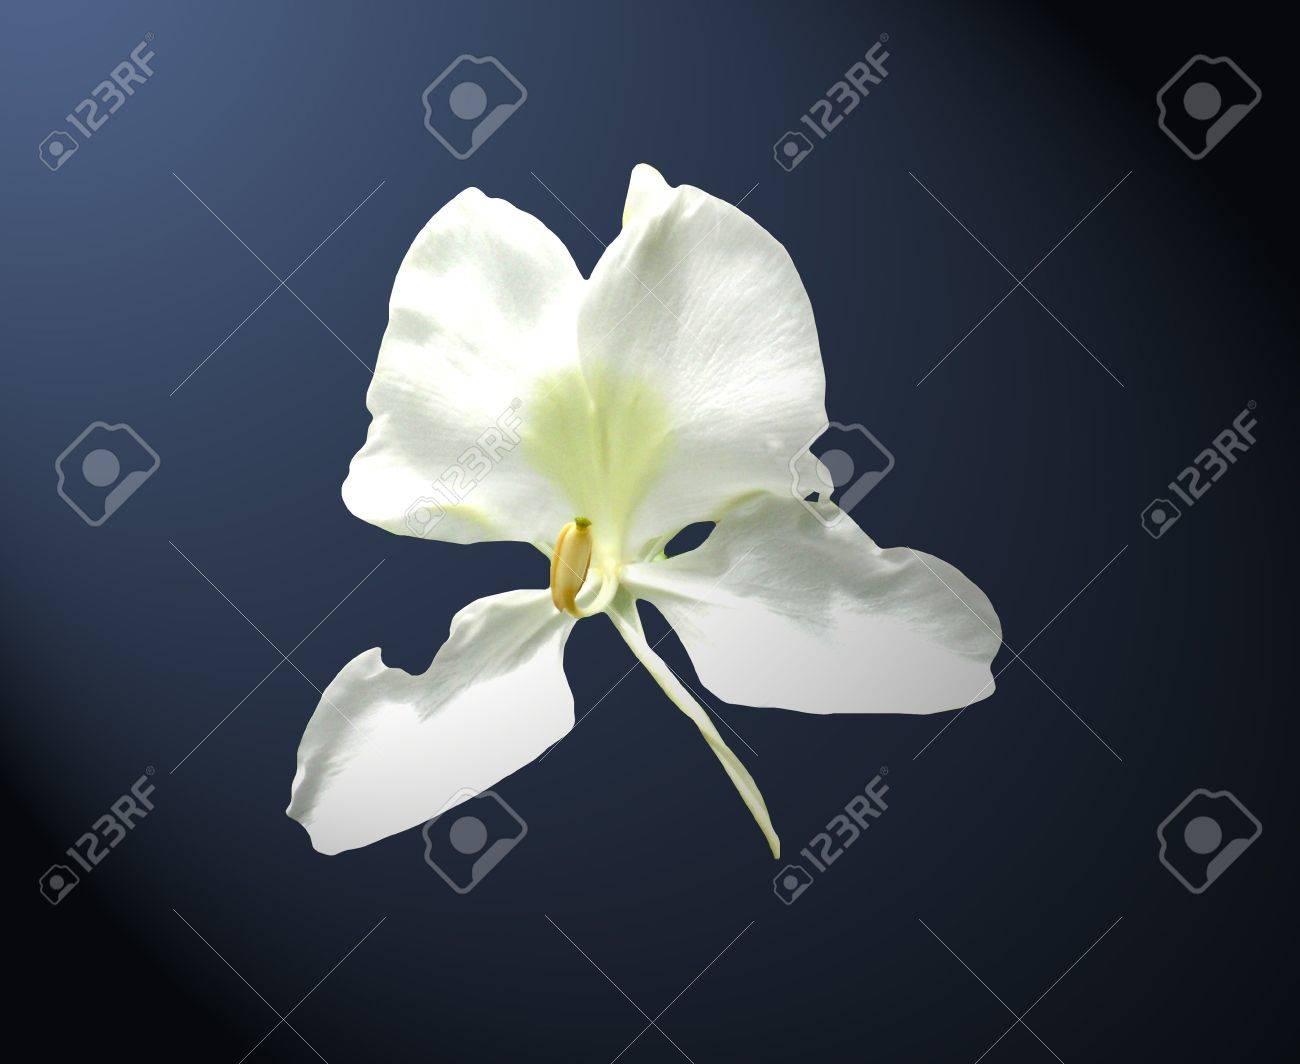 Jengibre blanco. Flor Mariposa sobre fondo azul oscuro Foto de archivo - 9018129